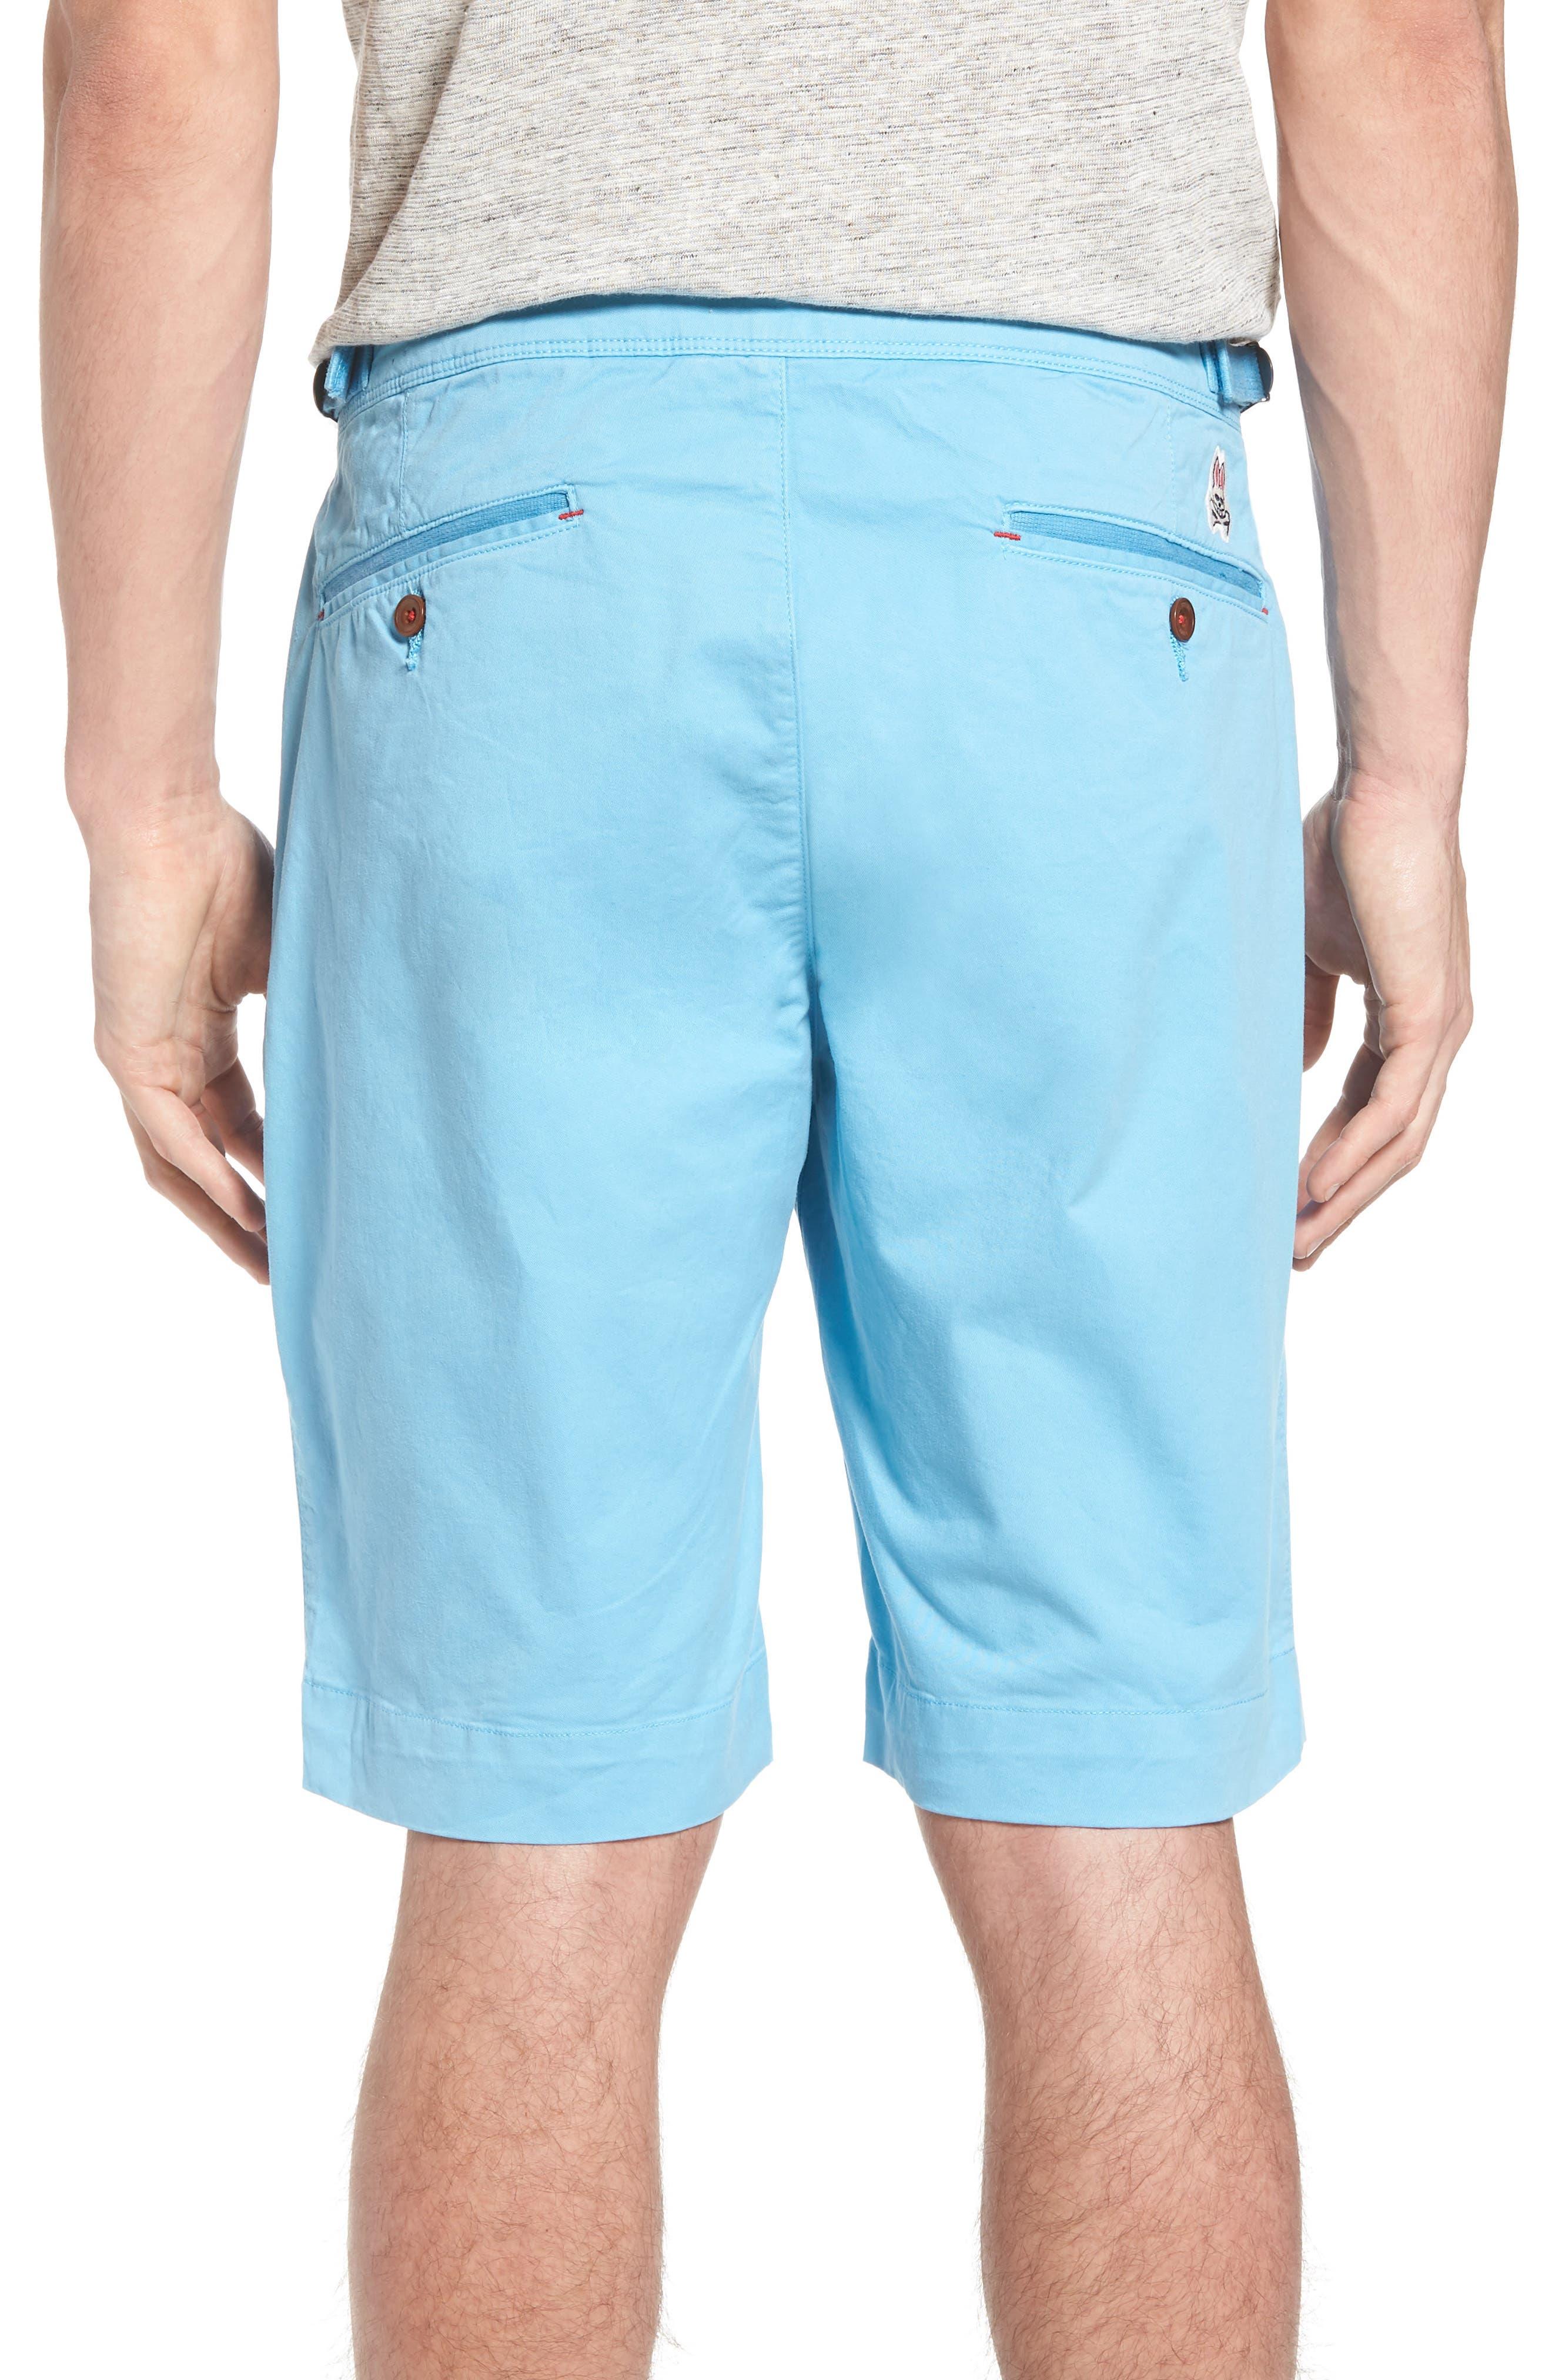 Triumph Shorts,                             Alternate thumbnail 18, color,